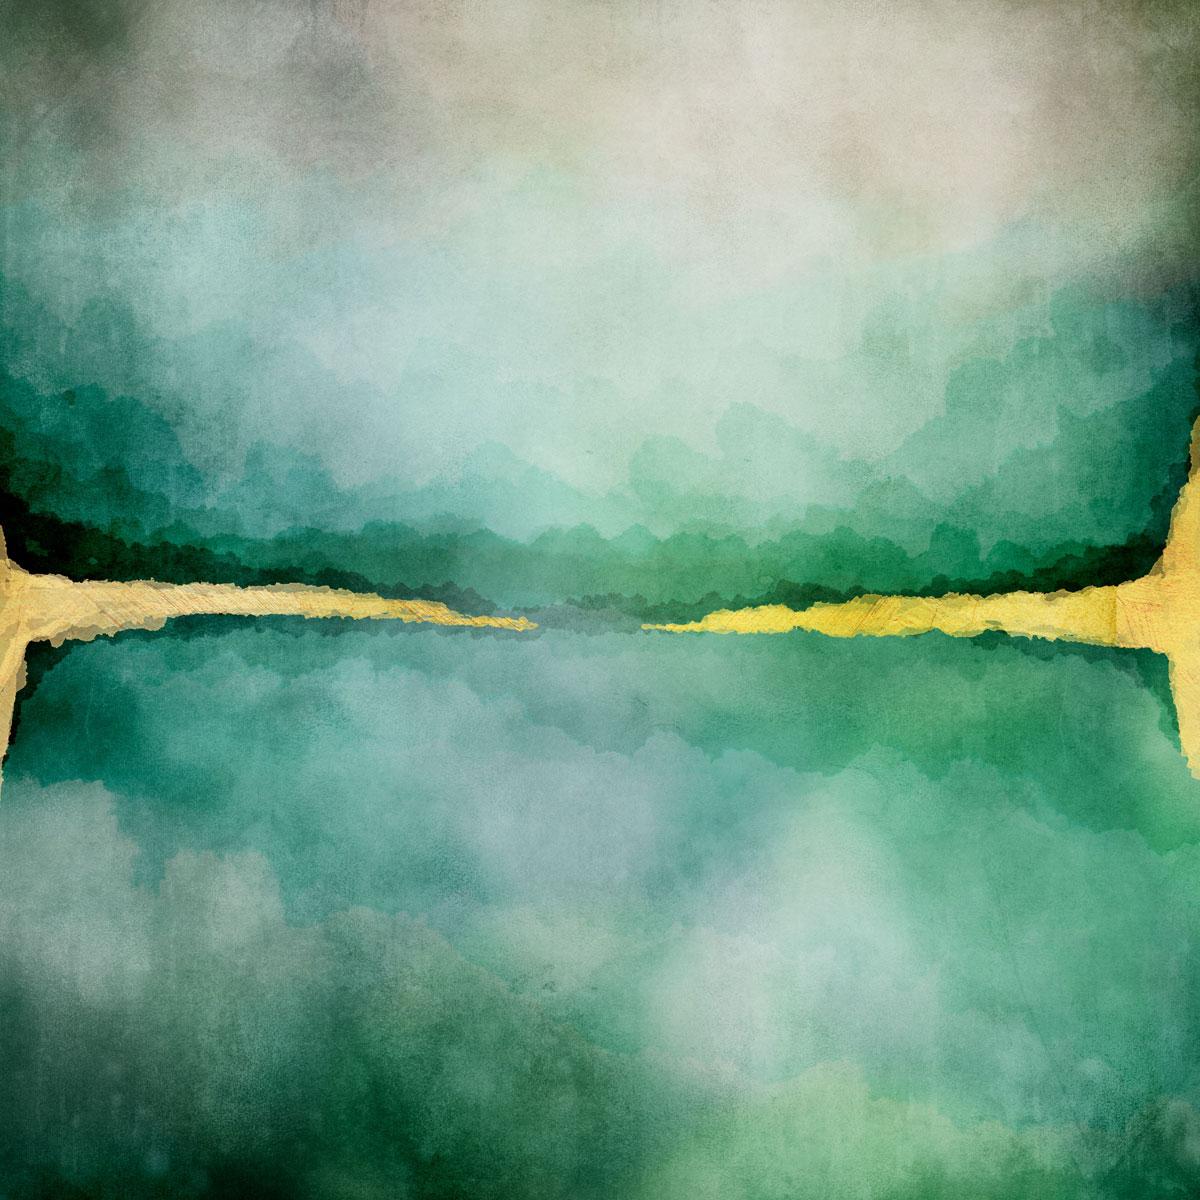 12张高清水彩金色质感艺术海报设计纸张背景纹理图片素材 Watercolor Texture Papers插图(12)